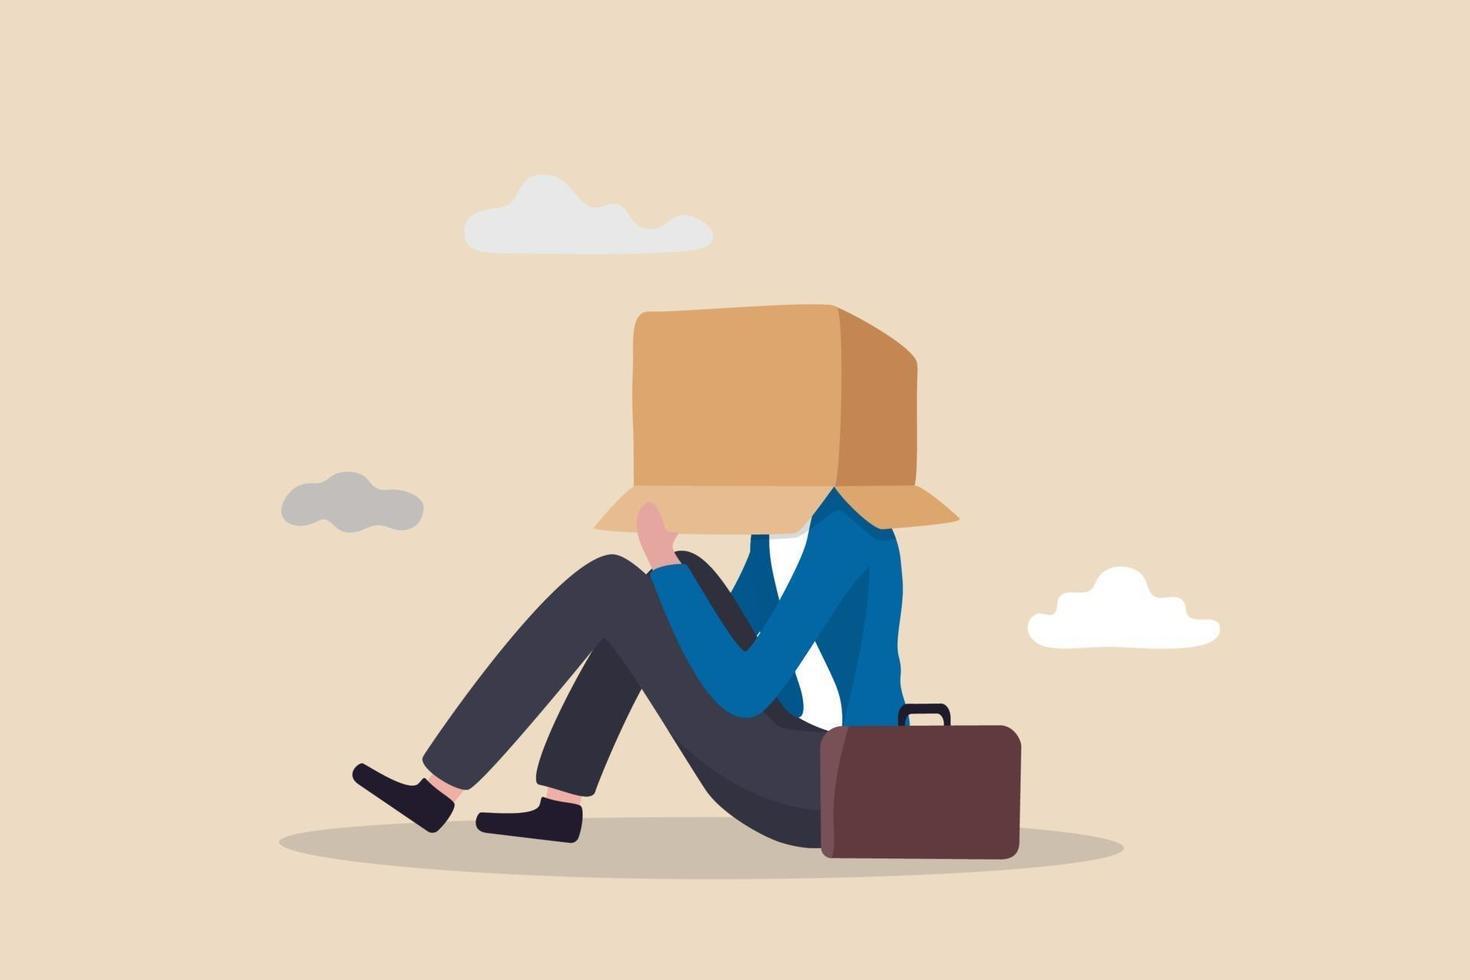 affärsfel, arbetsfel eller olycka och otur, konkurs eller misslyckande entreprenörskoncept vektor